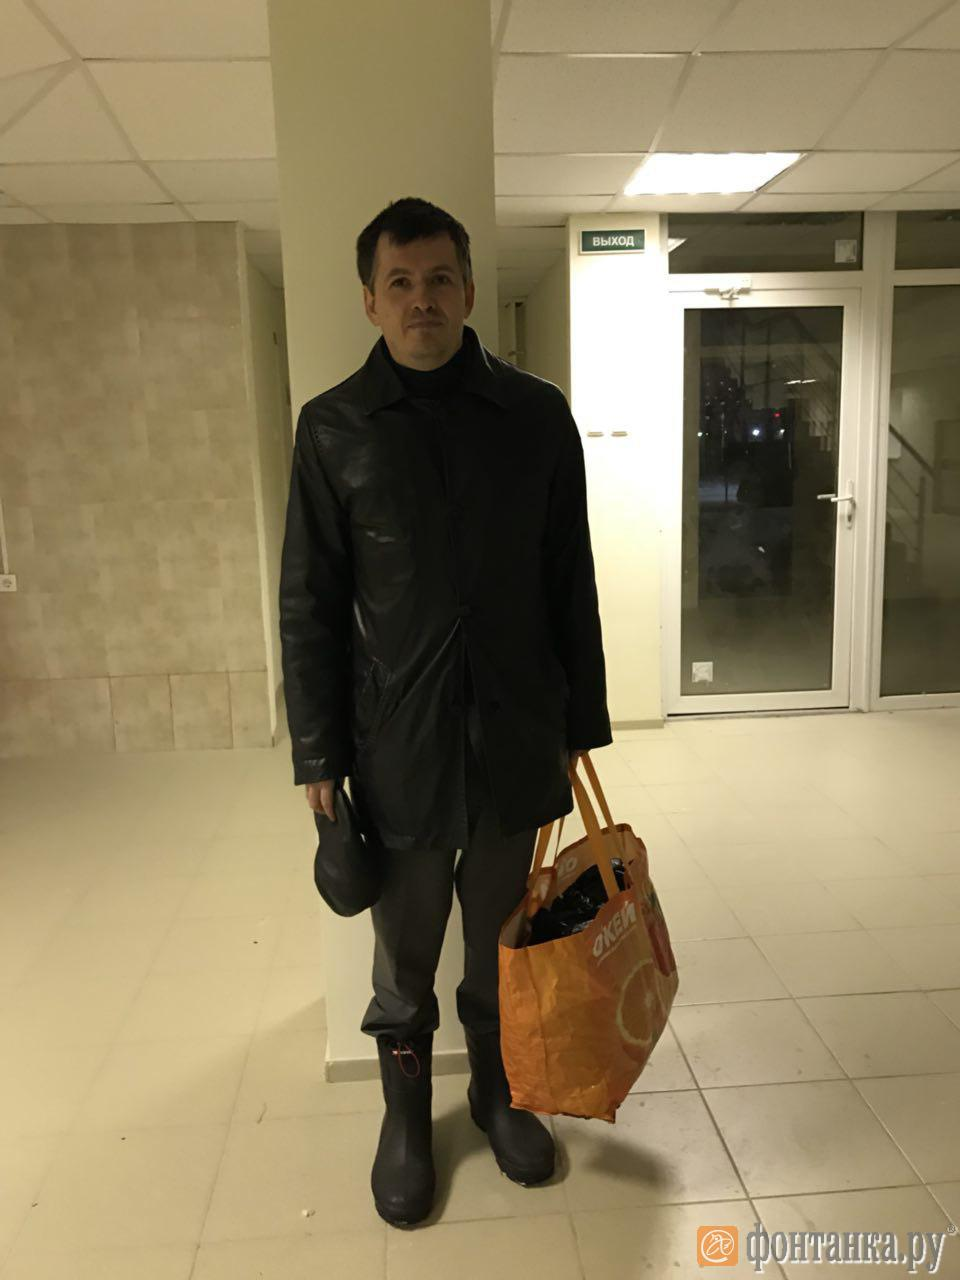 Андрей Сорочинский провел в СИЗО семь месяцев